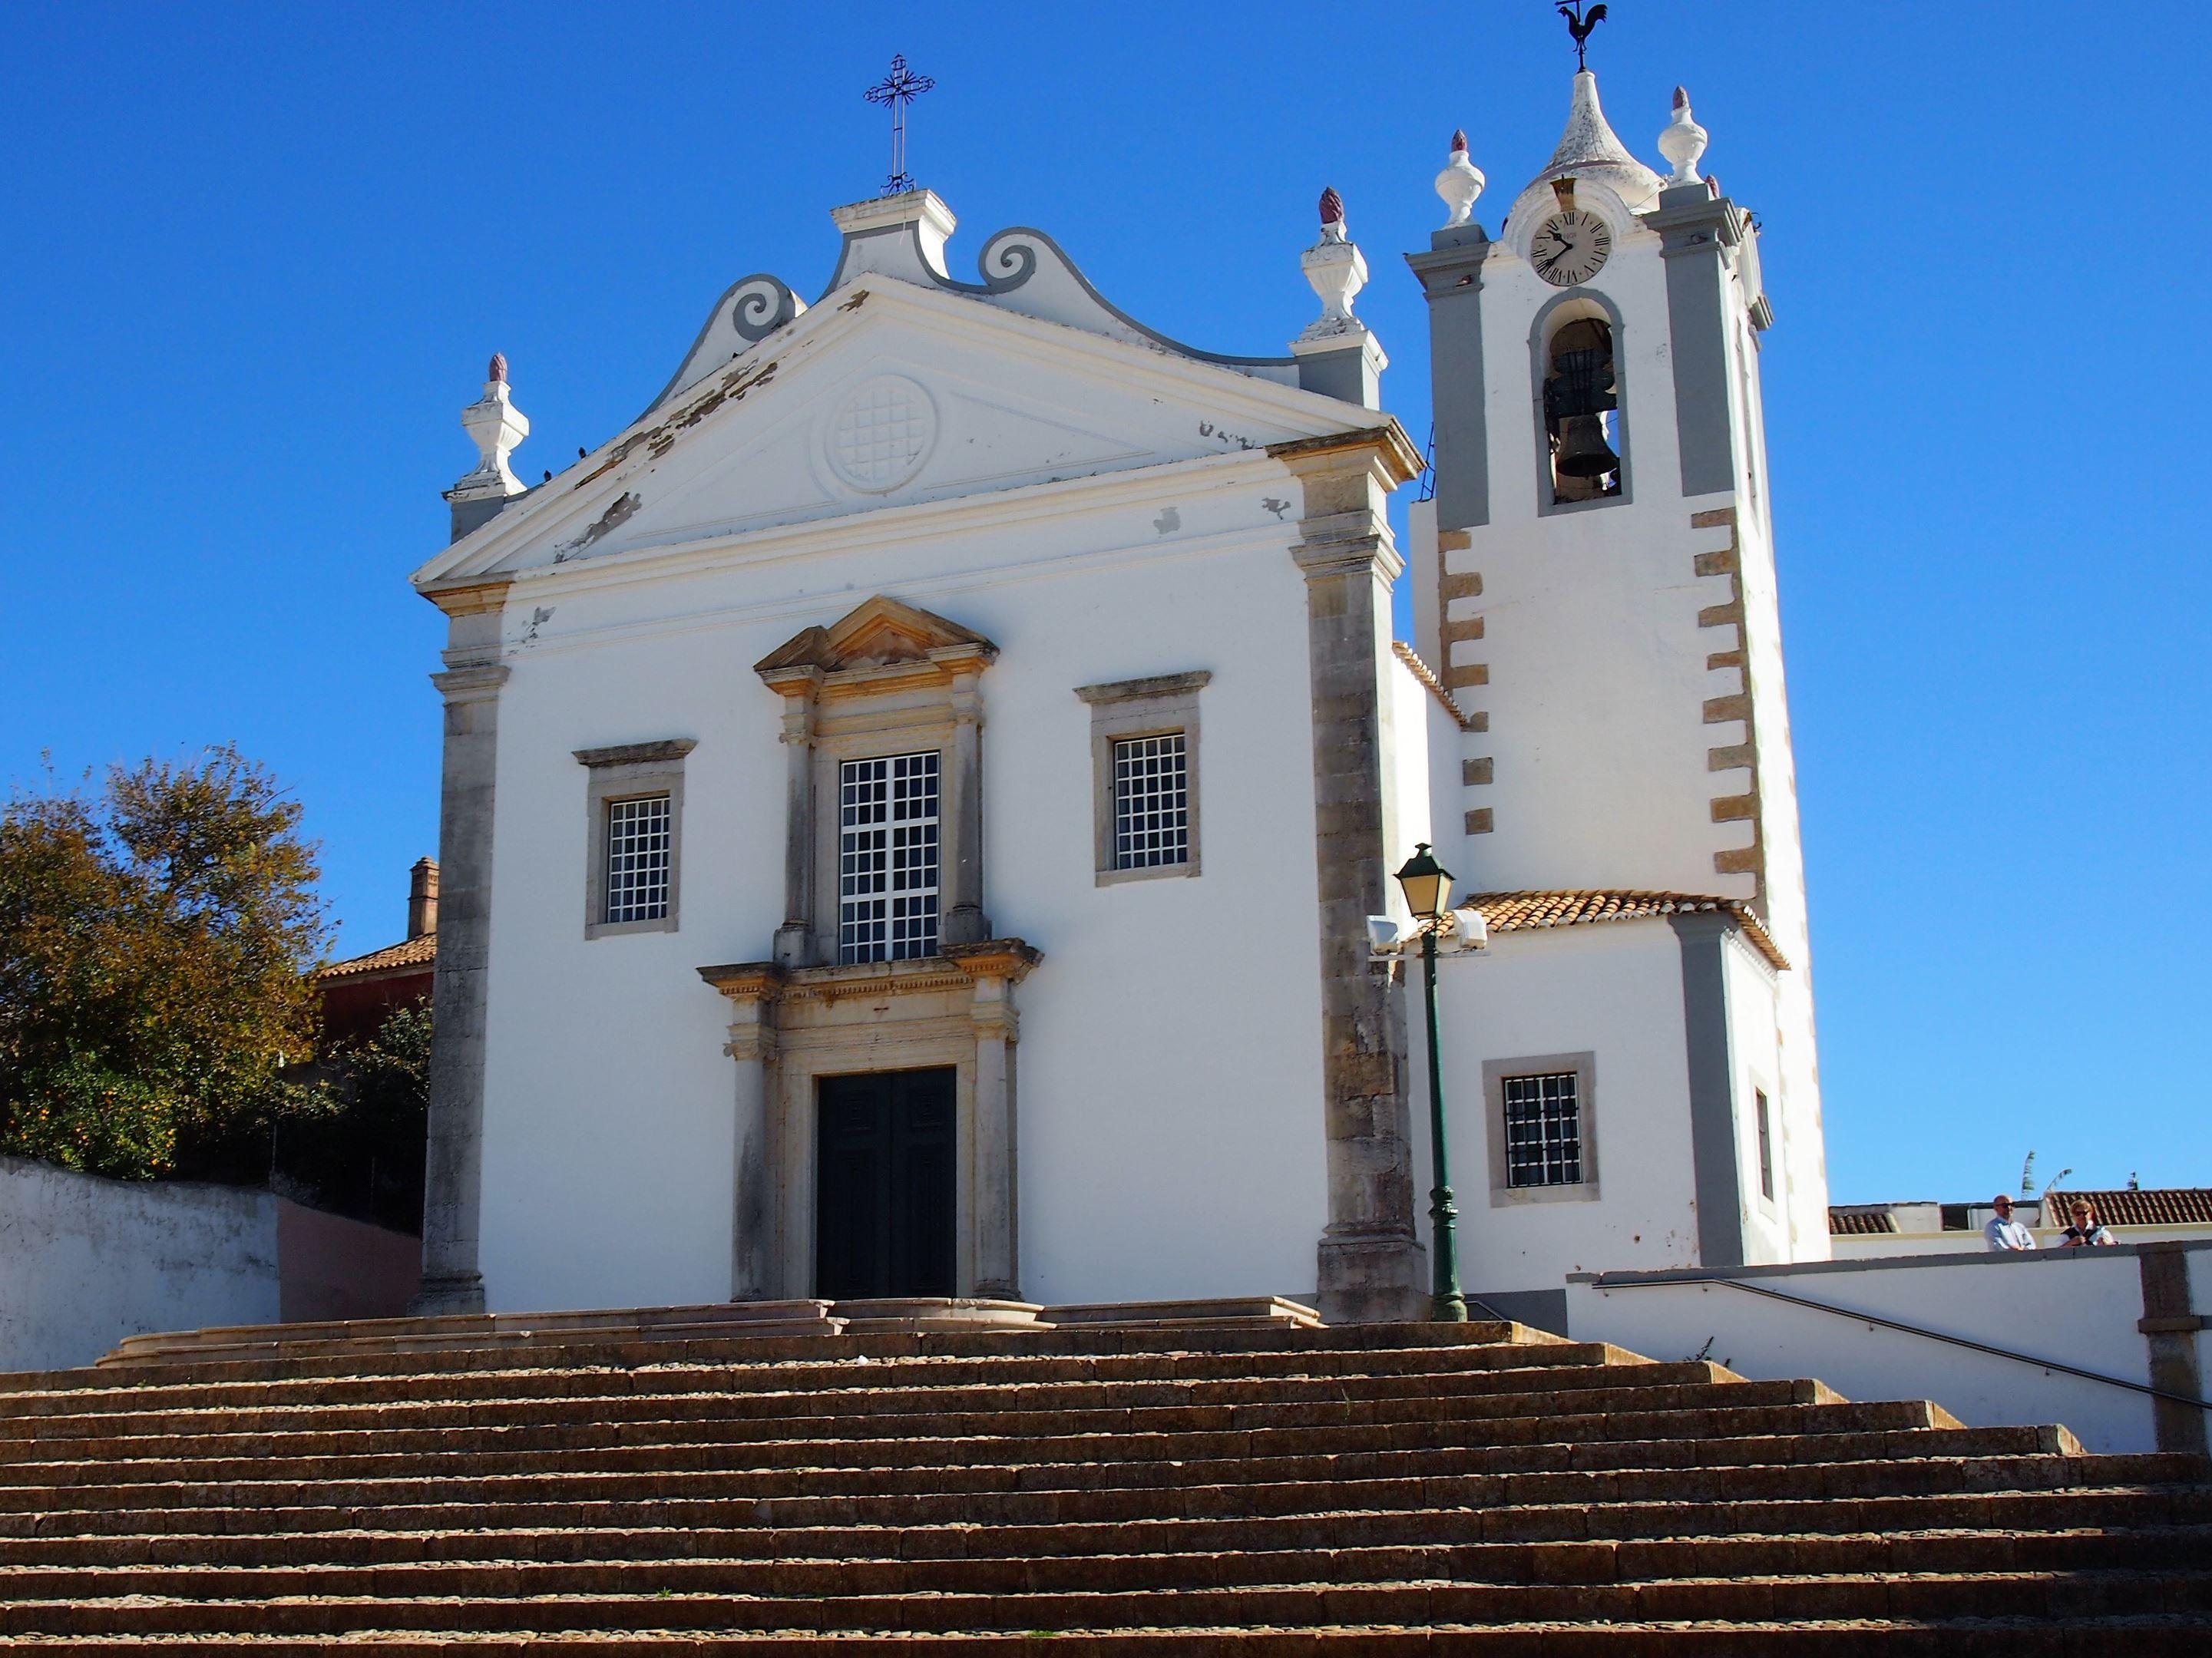 Igreja Matriz de Estoi, главная церковь, расположенная в центре Эштой